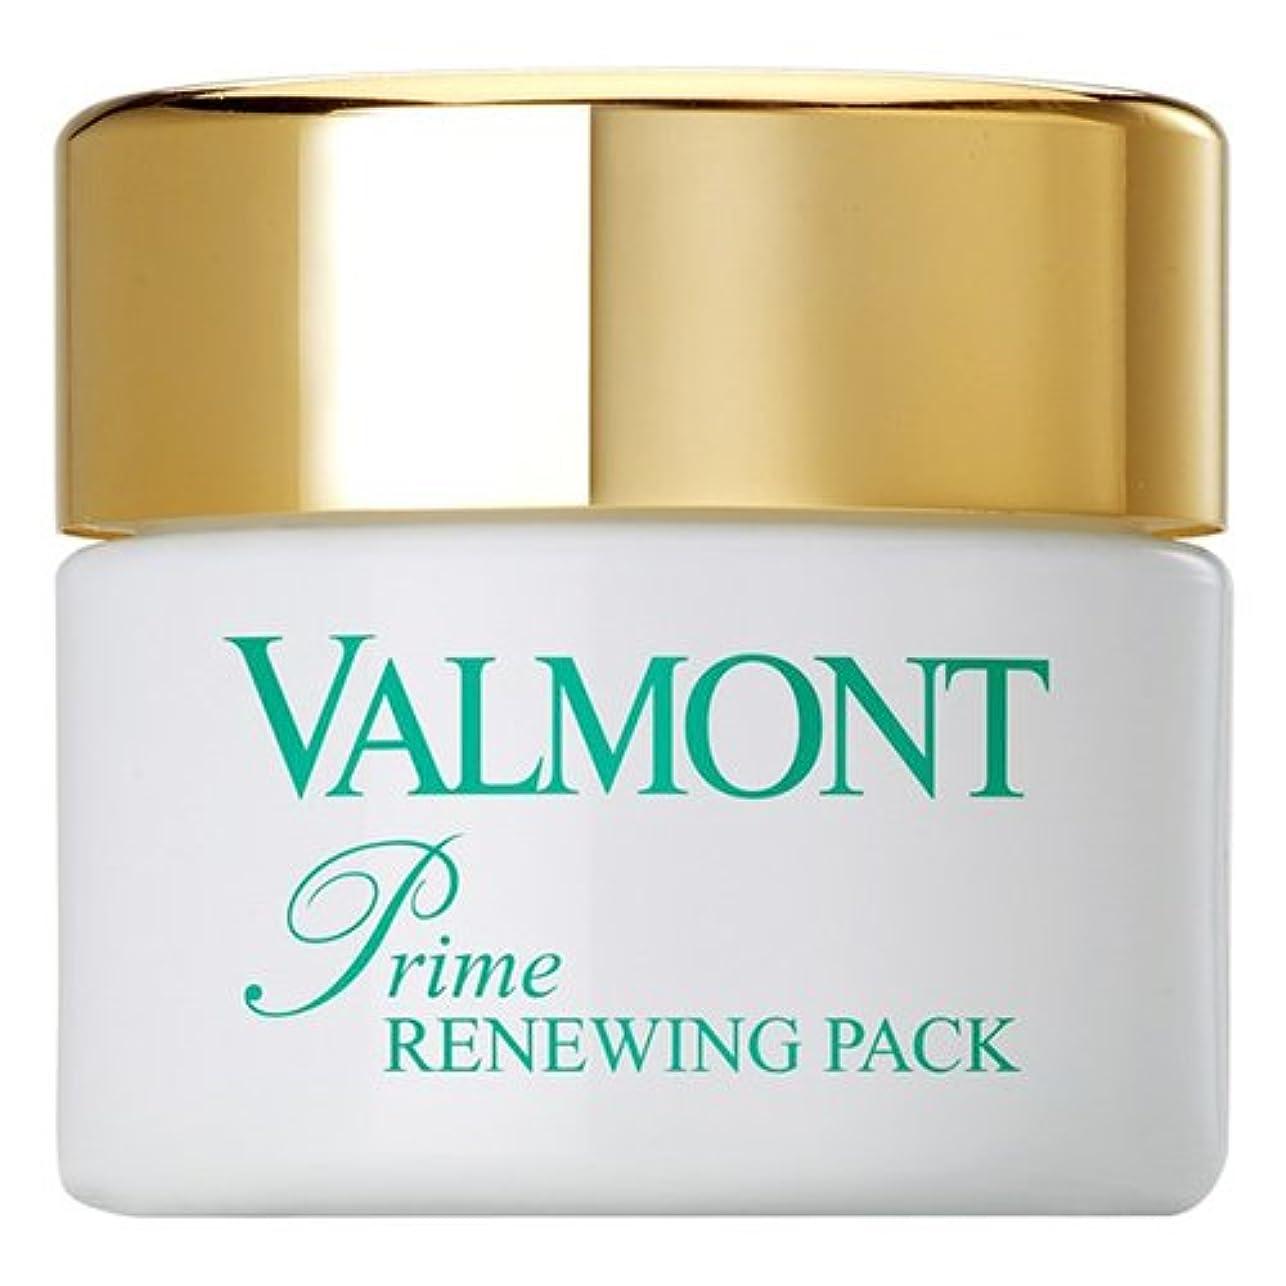 鉄道駅二次石油Valmont Prime Renewing Pack, 7.0 Ounce エイジングケアマスク クリーム